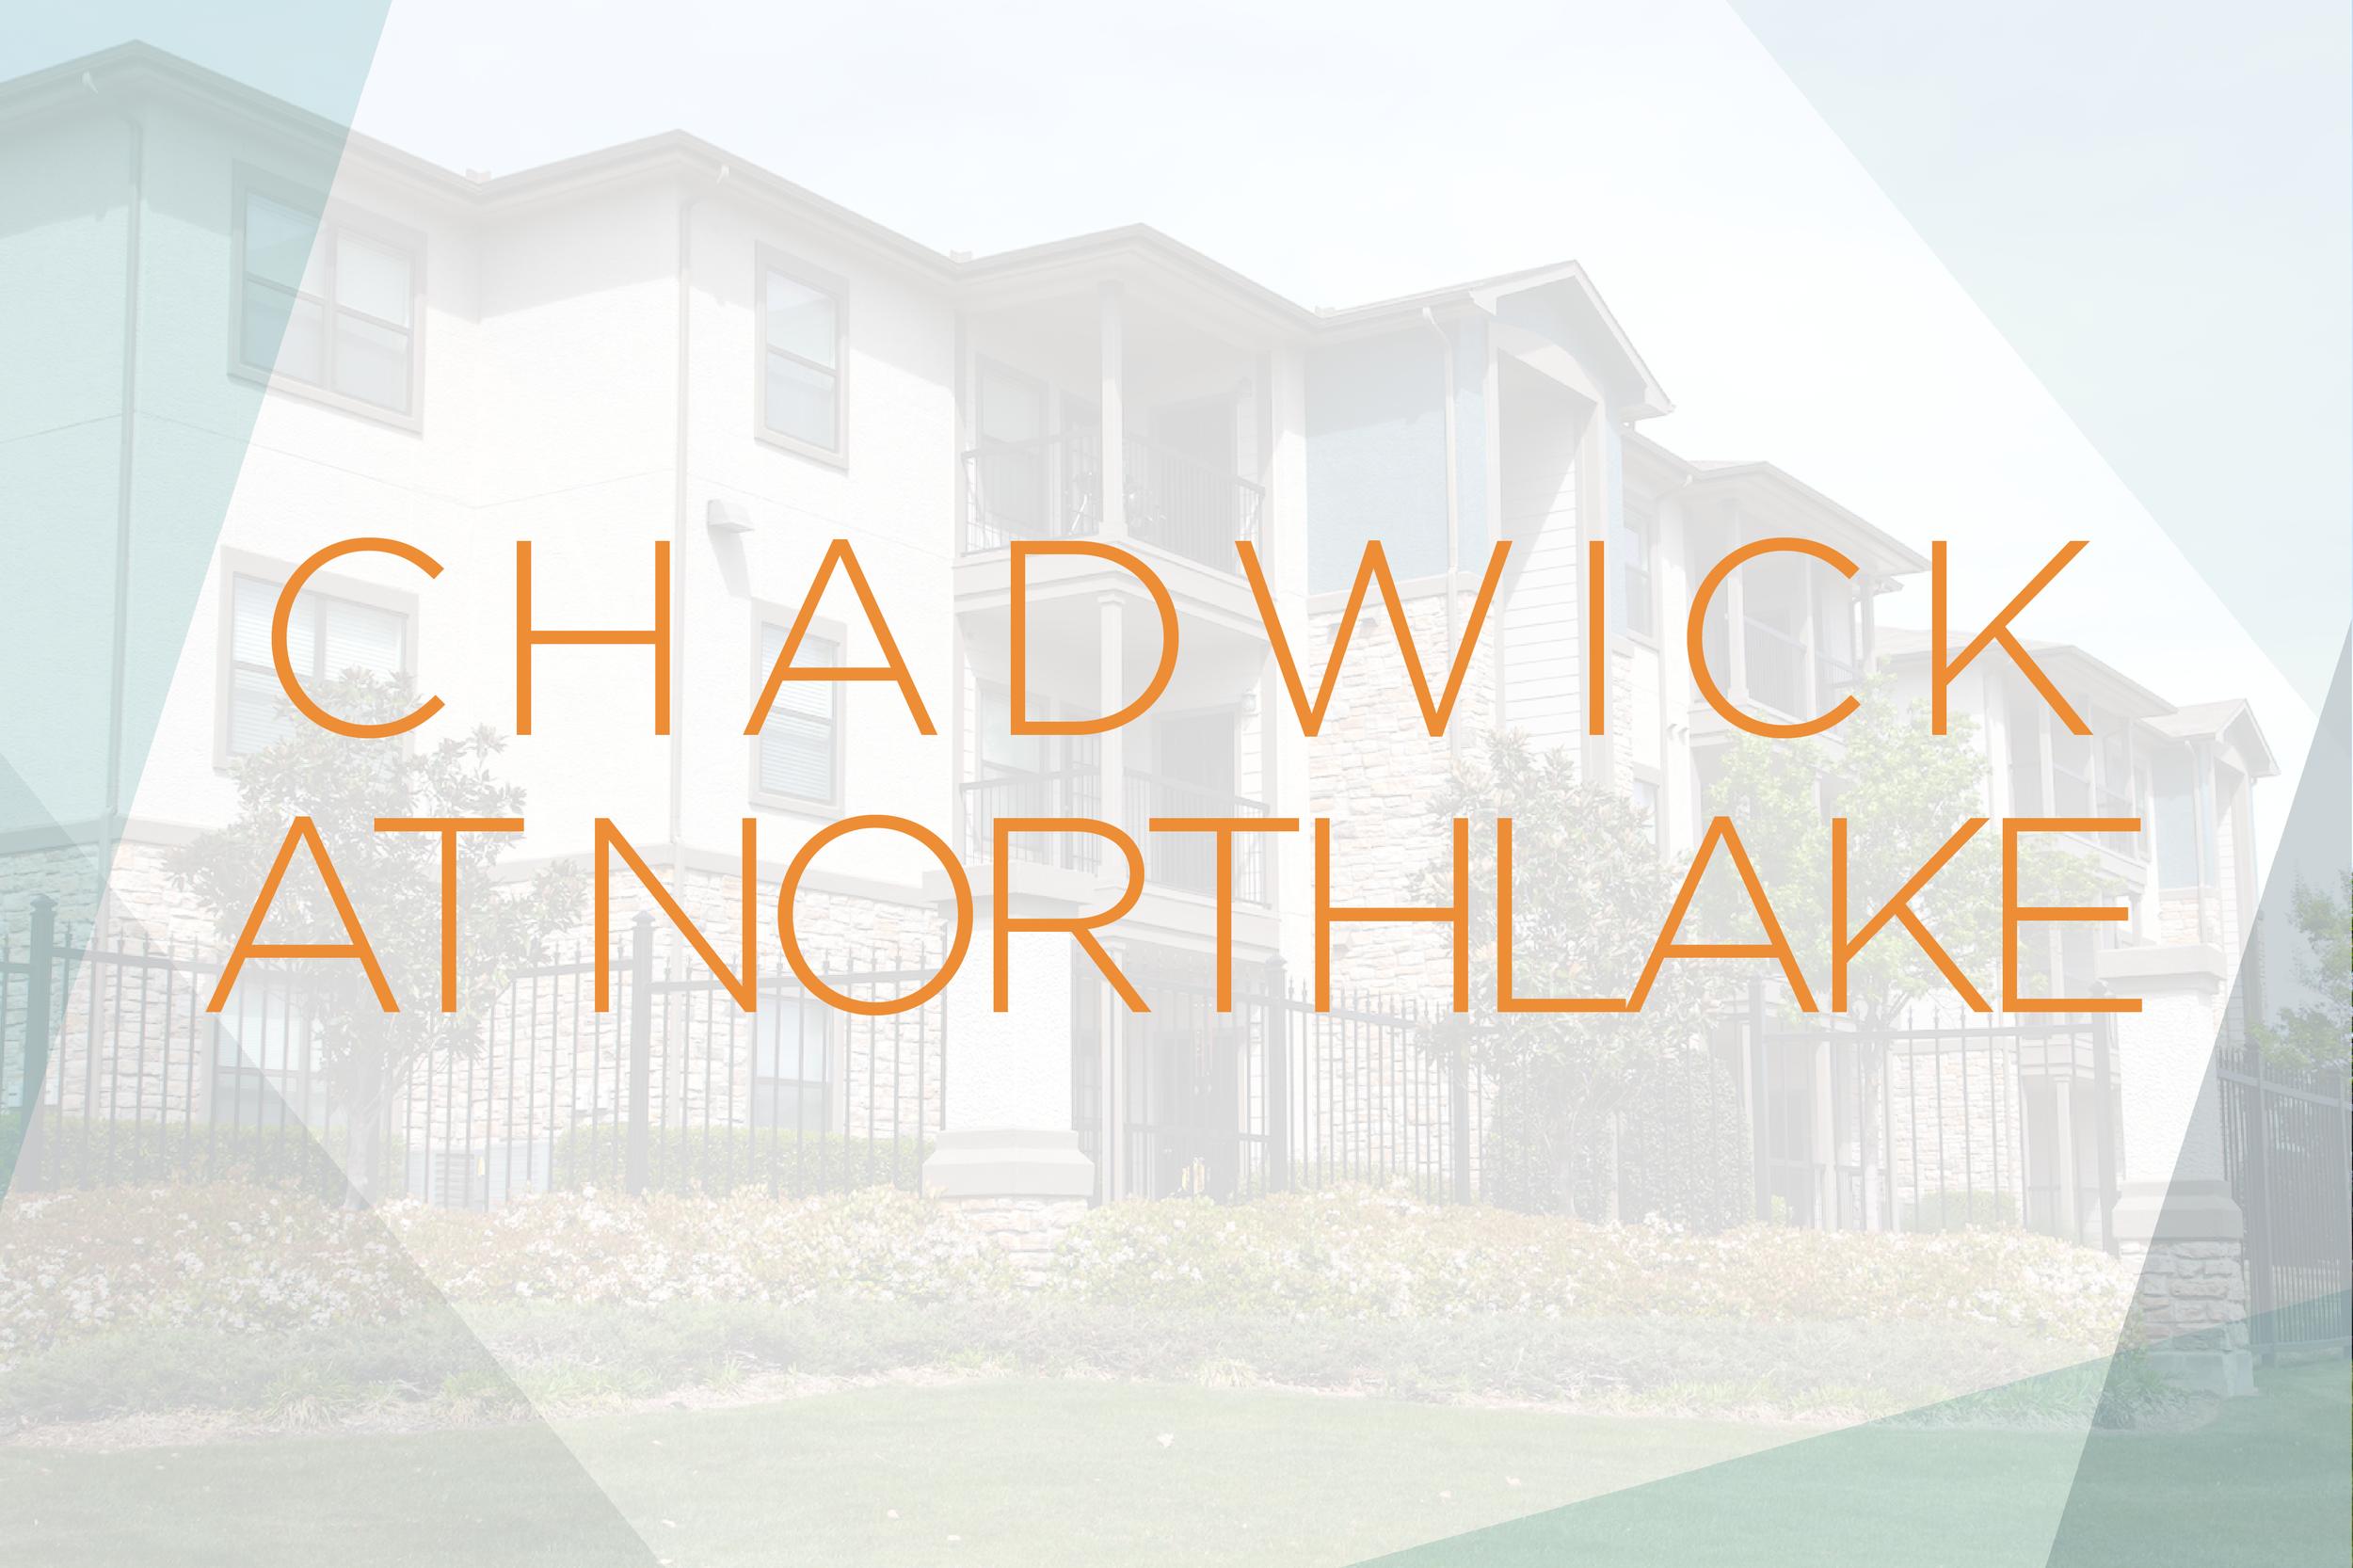 ChadwickatNorthlake-01.png